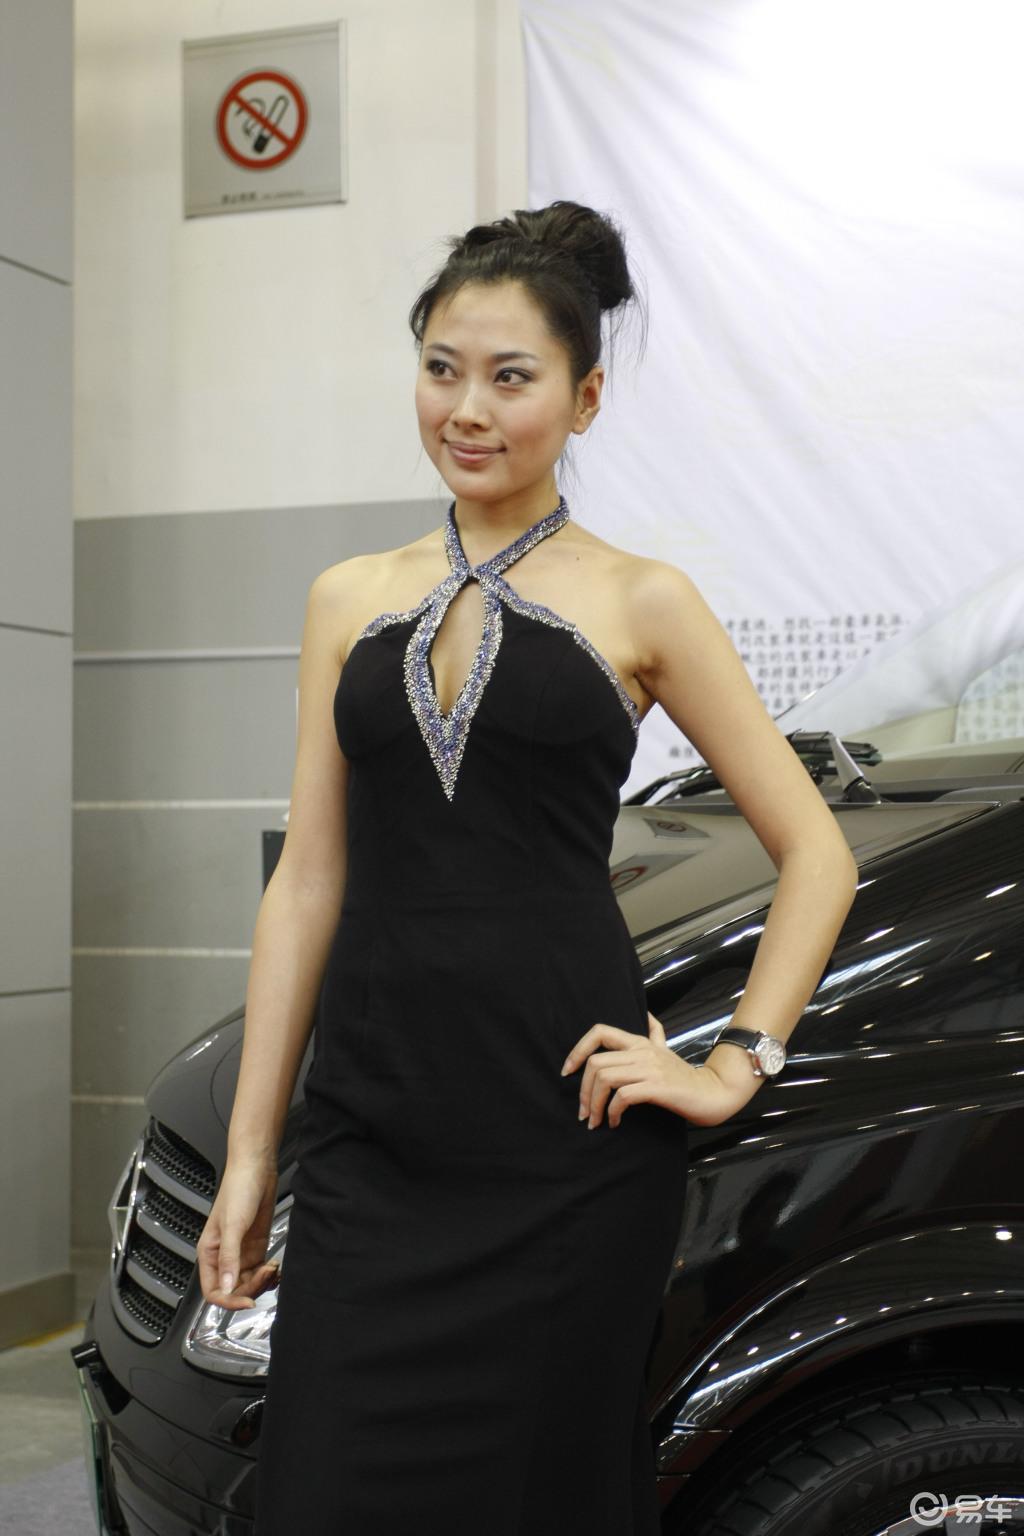 养眼美女 2009年青岛车展(2/3)